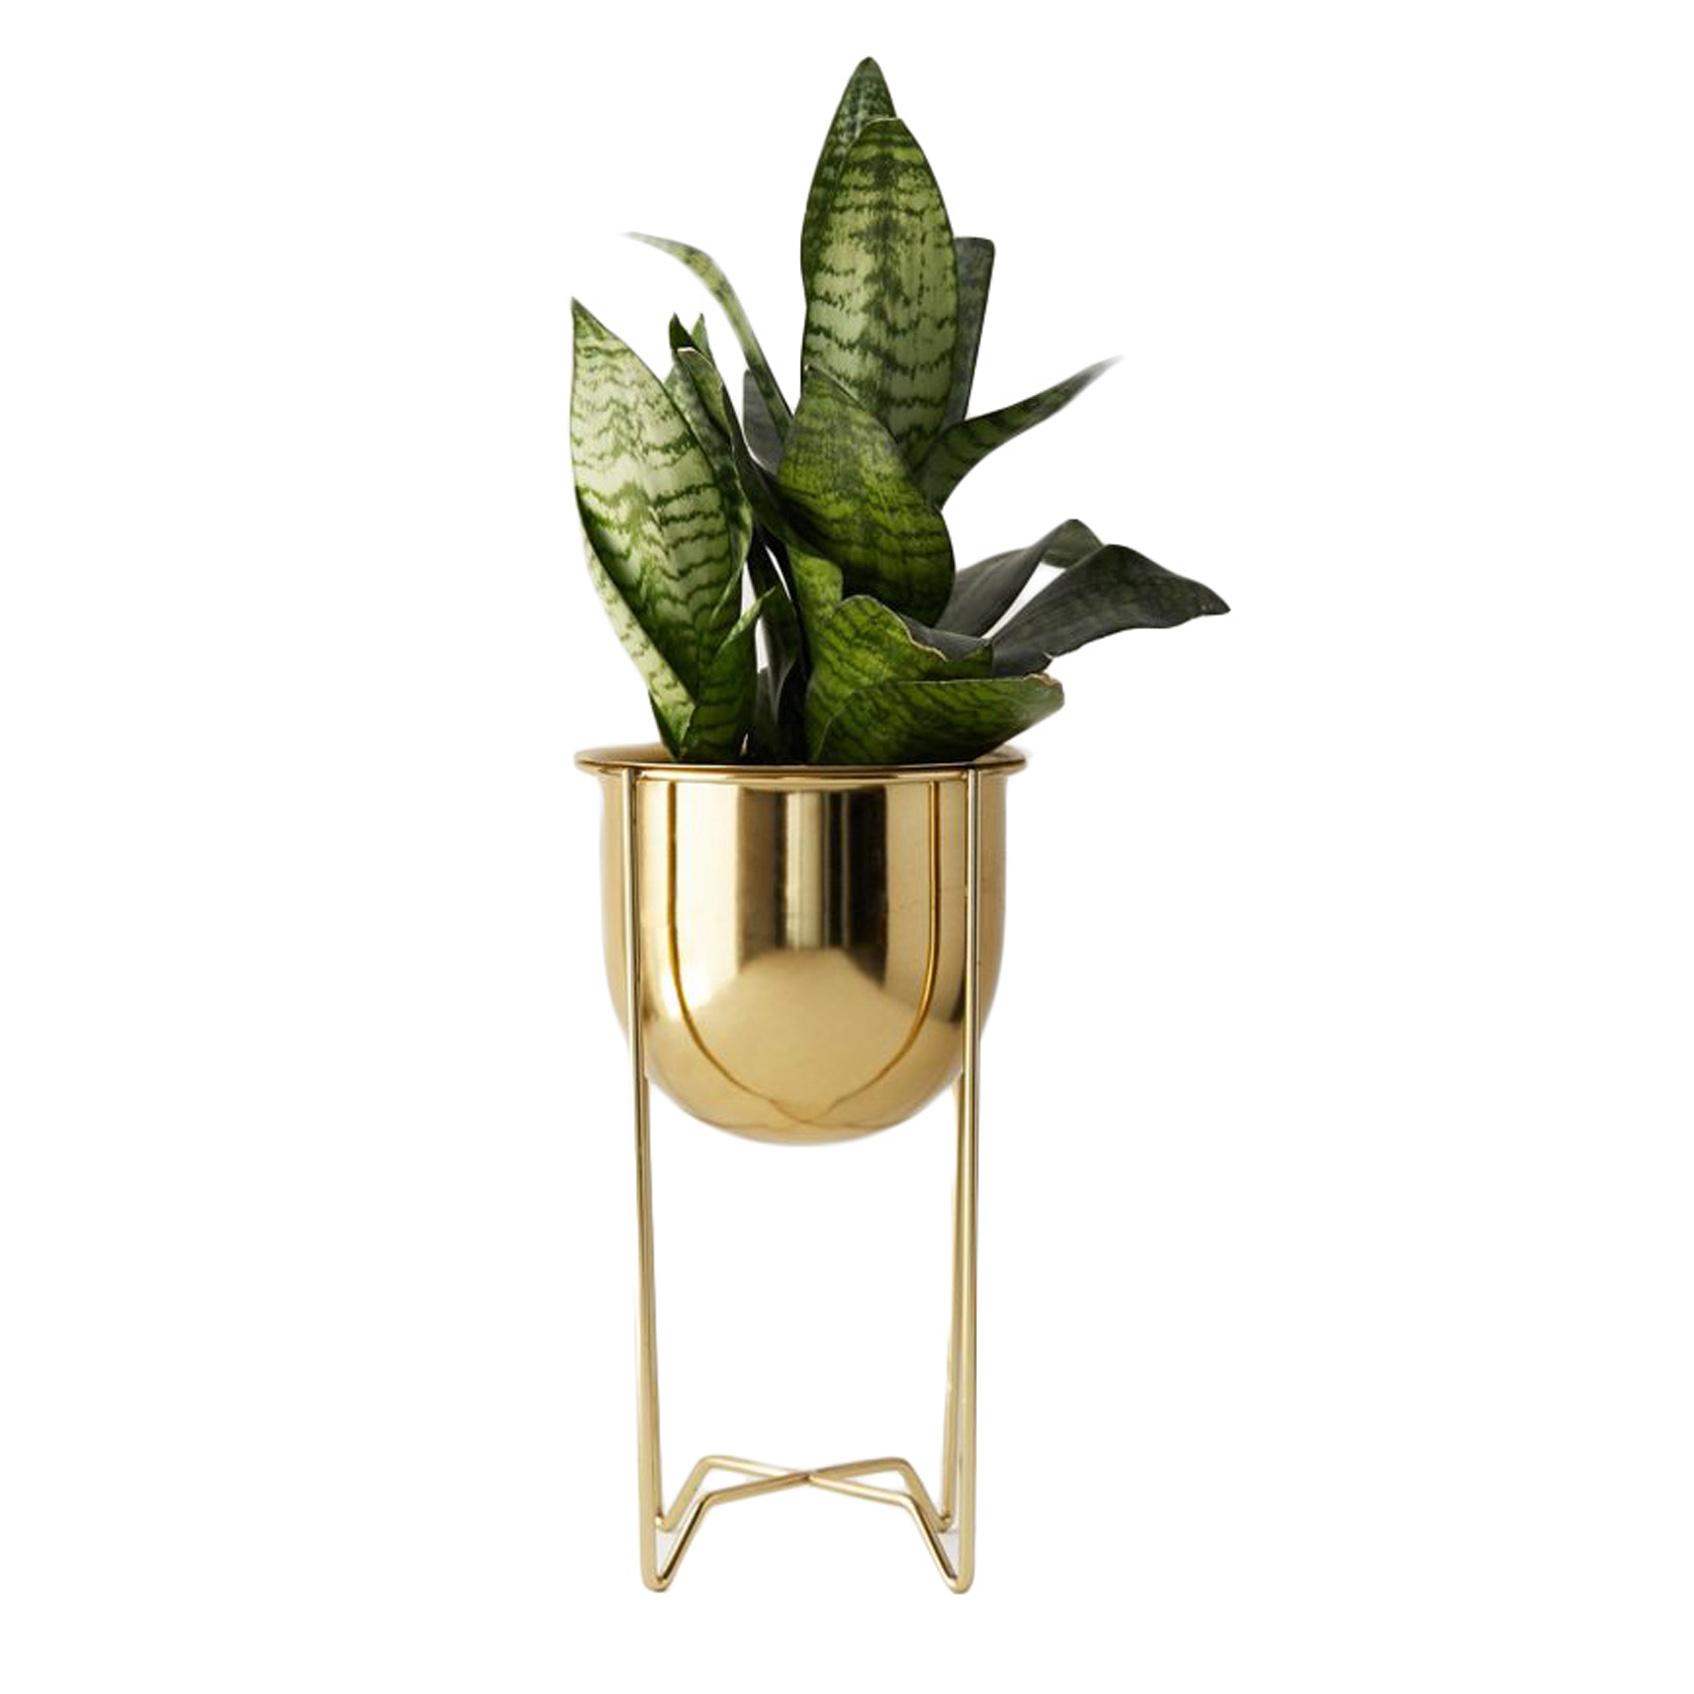 gold brass planter stand, boho-chic home decor